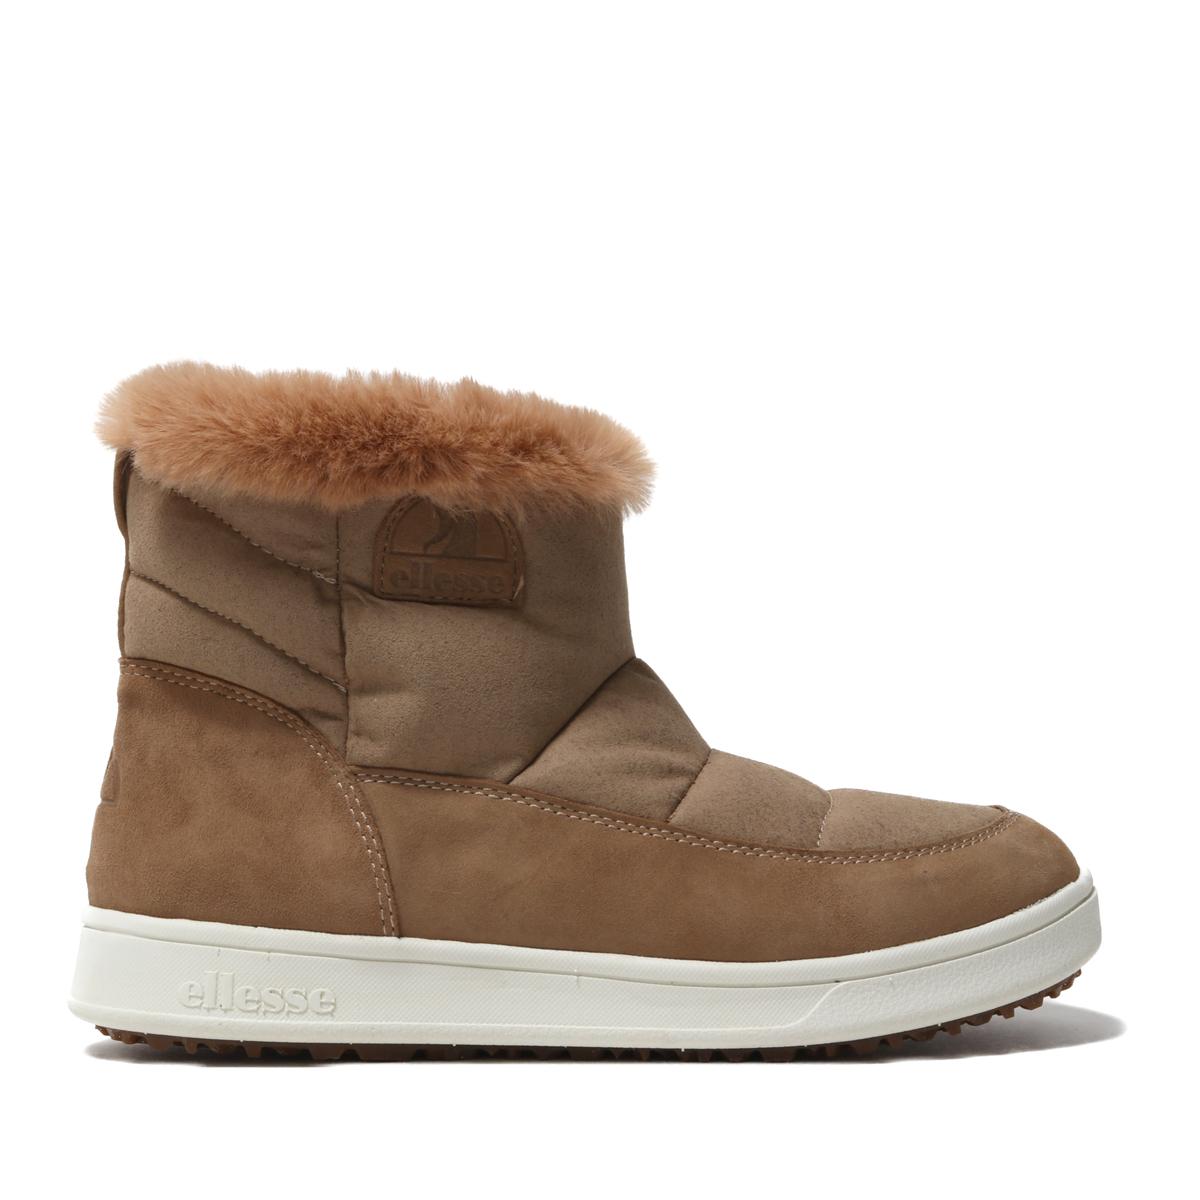 ellesse Heritage Ettore Winter Boots Mid SE(BEIGE)(エレッセ エットレー WT ブーツ ミッド SE)【メンズ】【レディース】【ブーツ】【18FW-I】